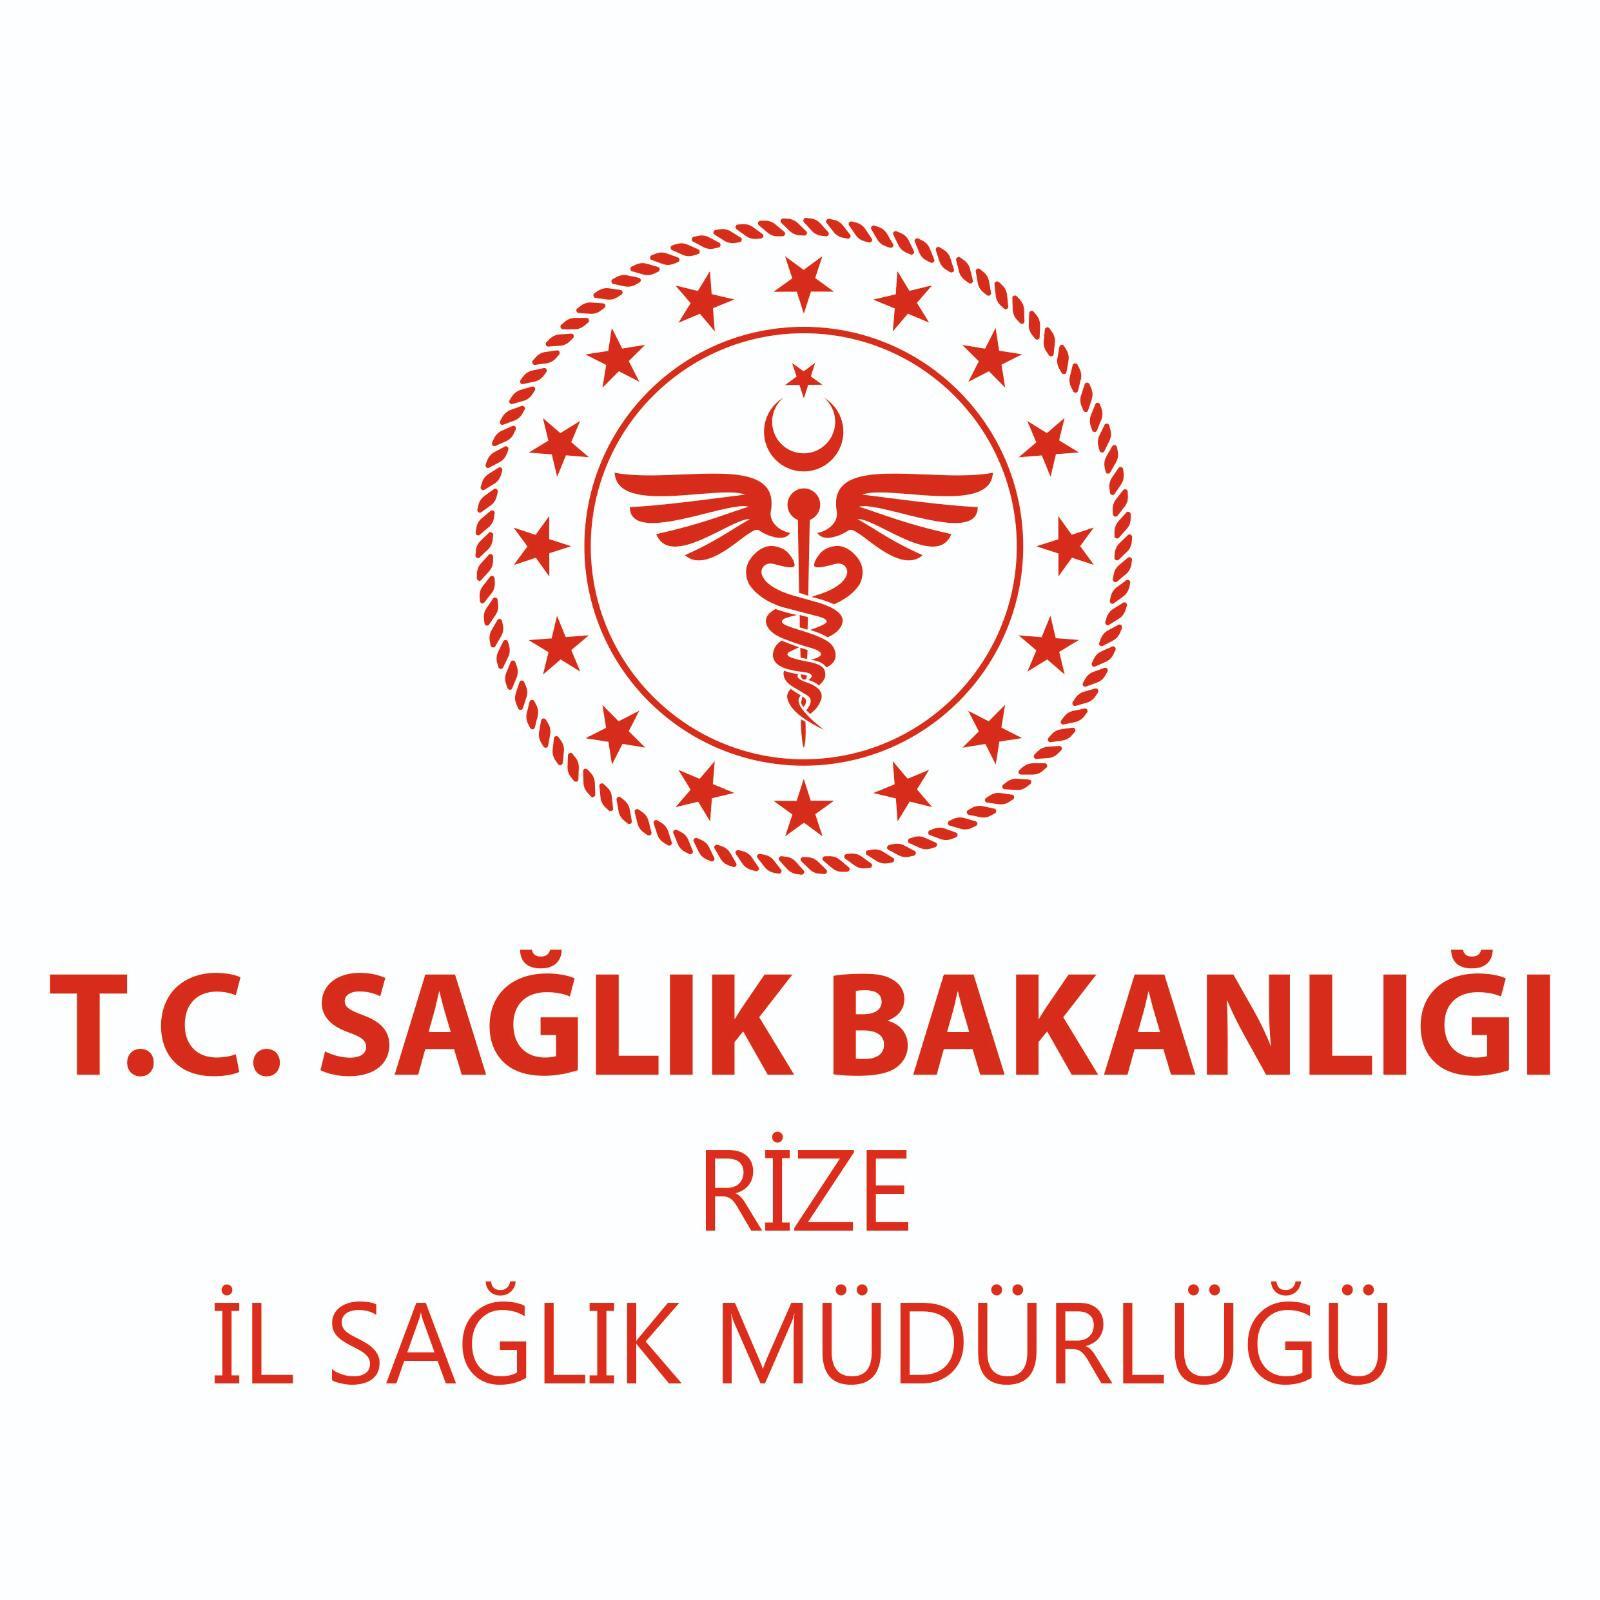 Rize'ye 10 uzman münhal kadrosu açıldı